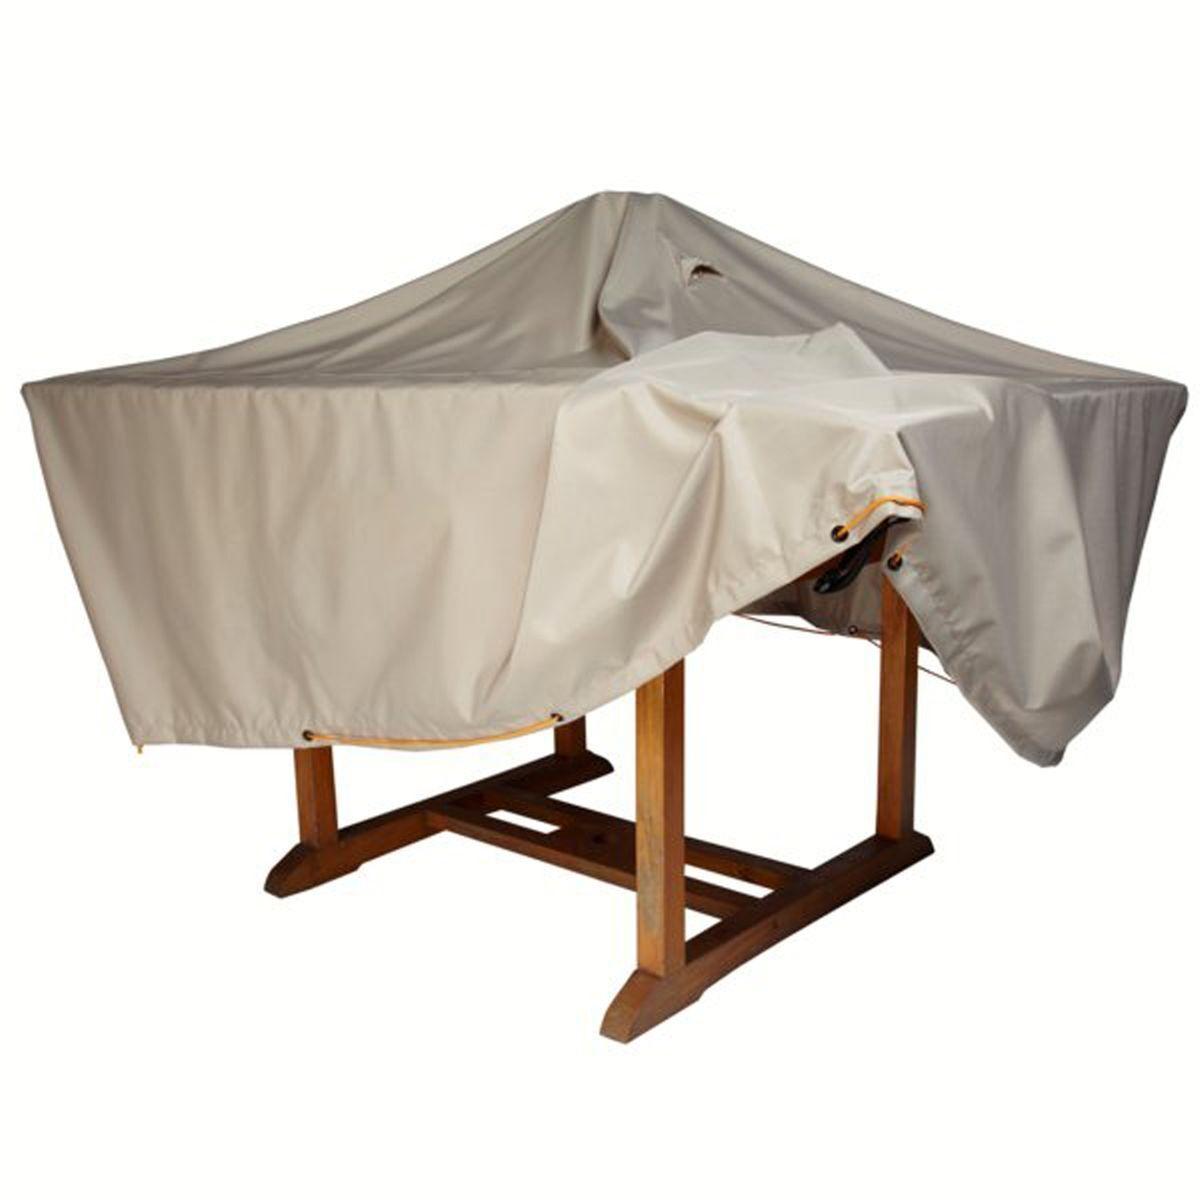 La Redoute Housse imperméable table de jardin larg. 170 cm - LA REDOUTE SHOPPING PRIX